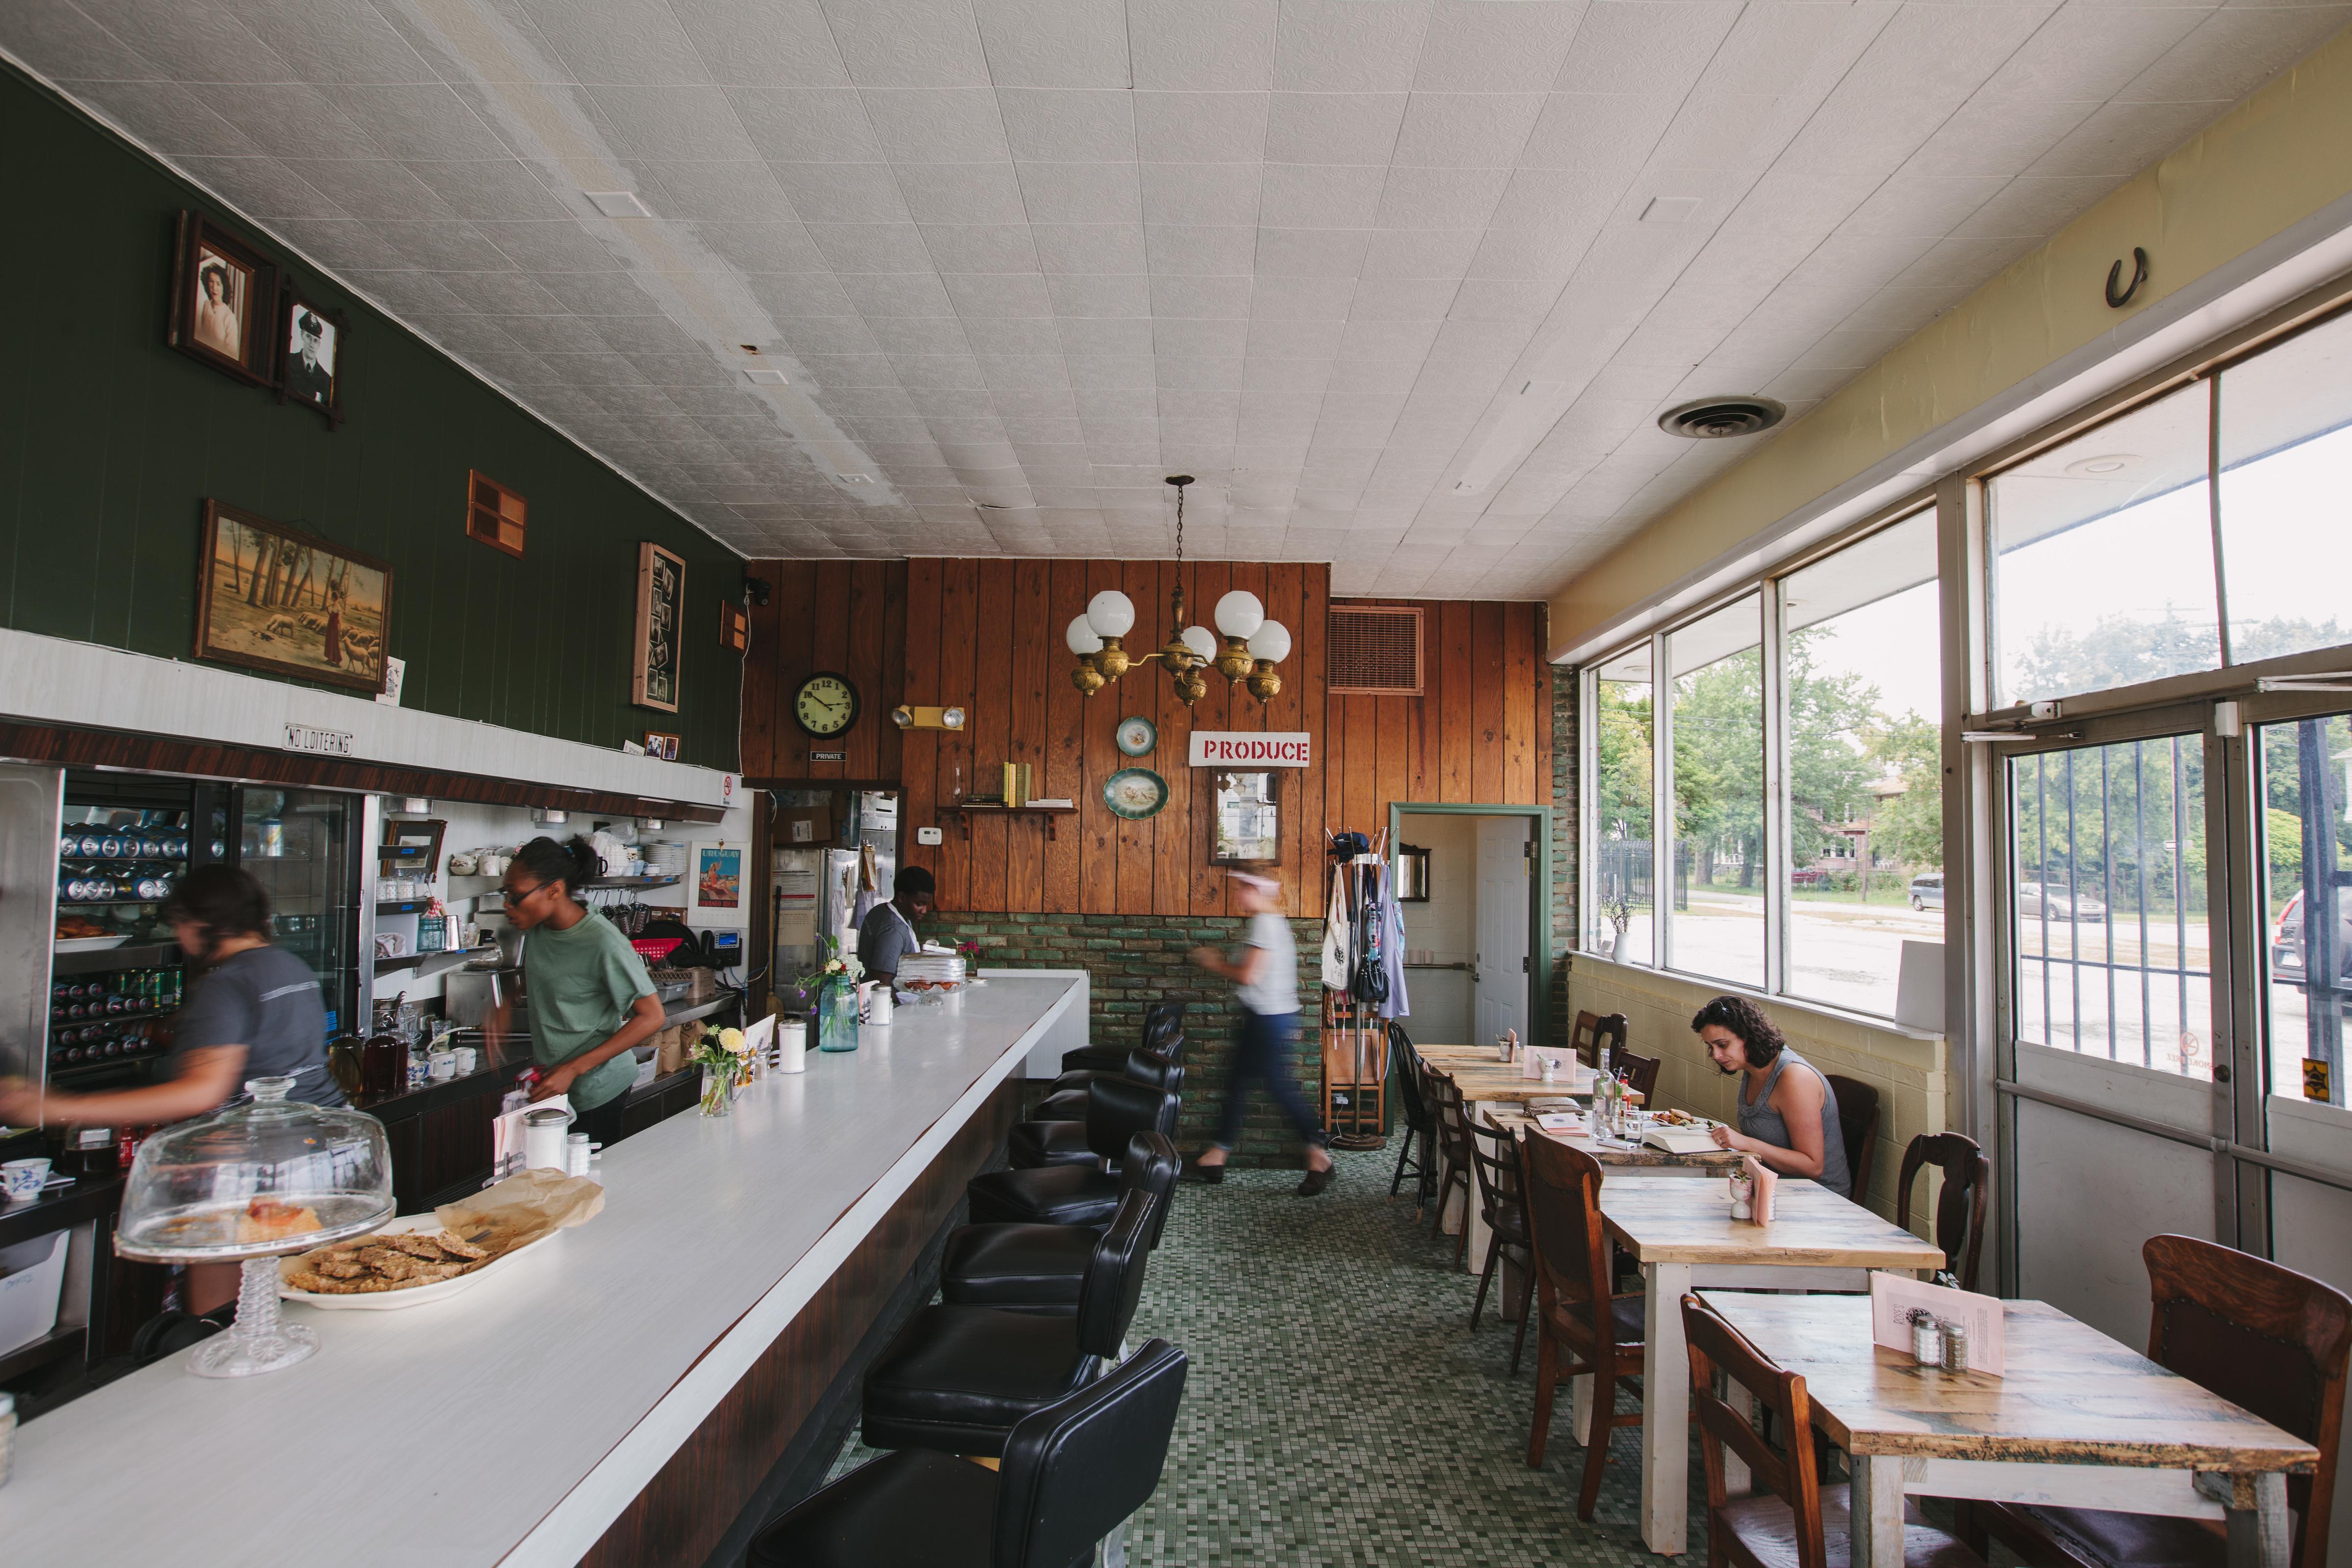 Rose's Fine Food interior